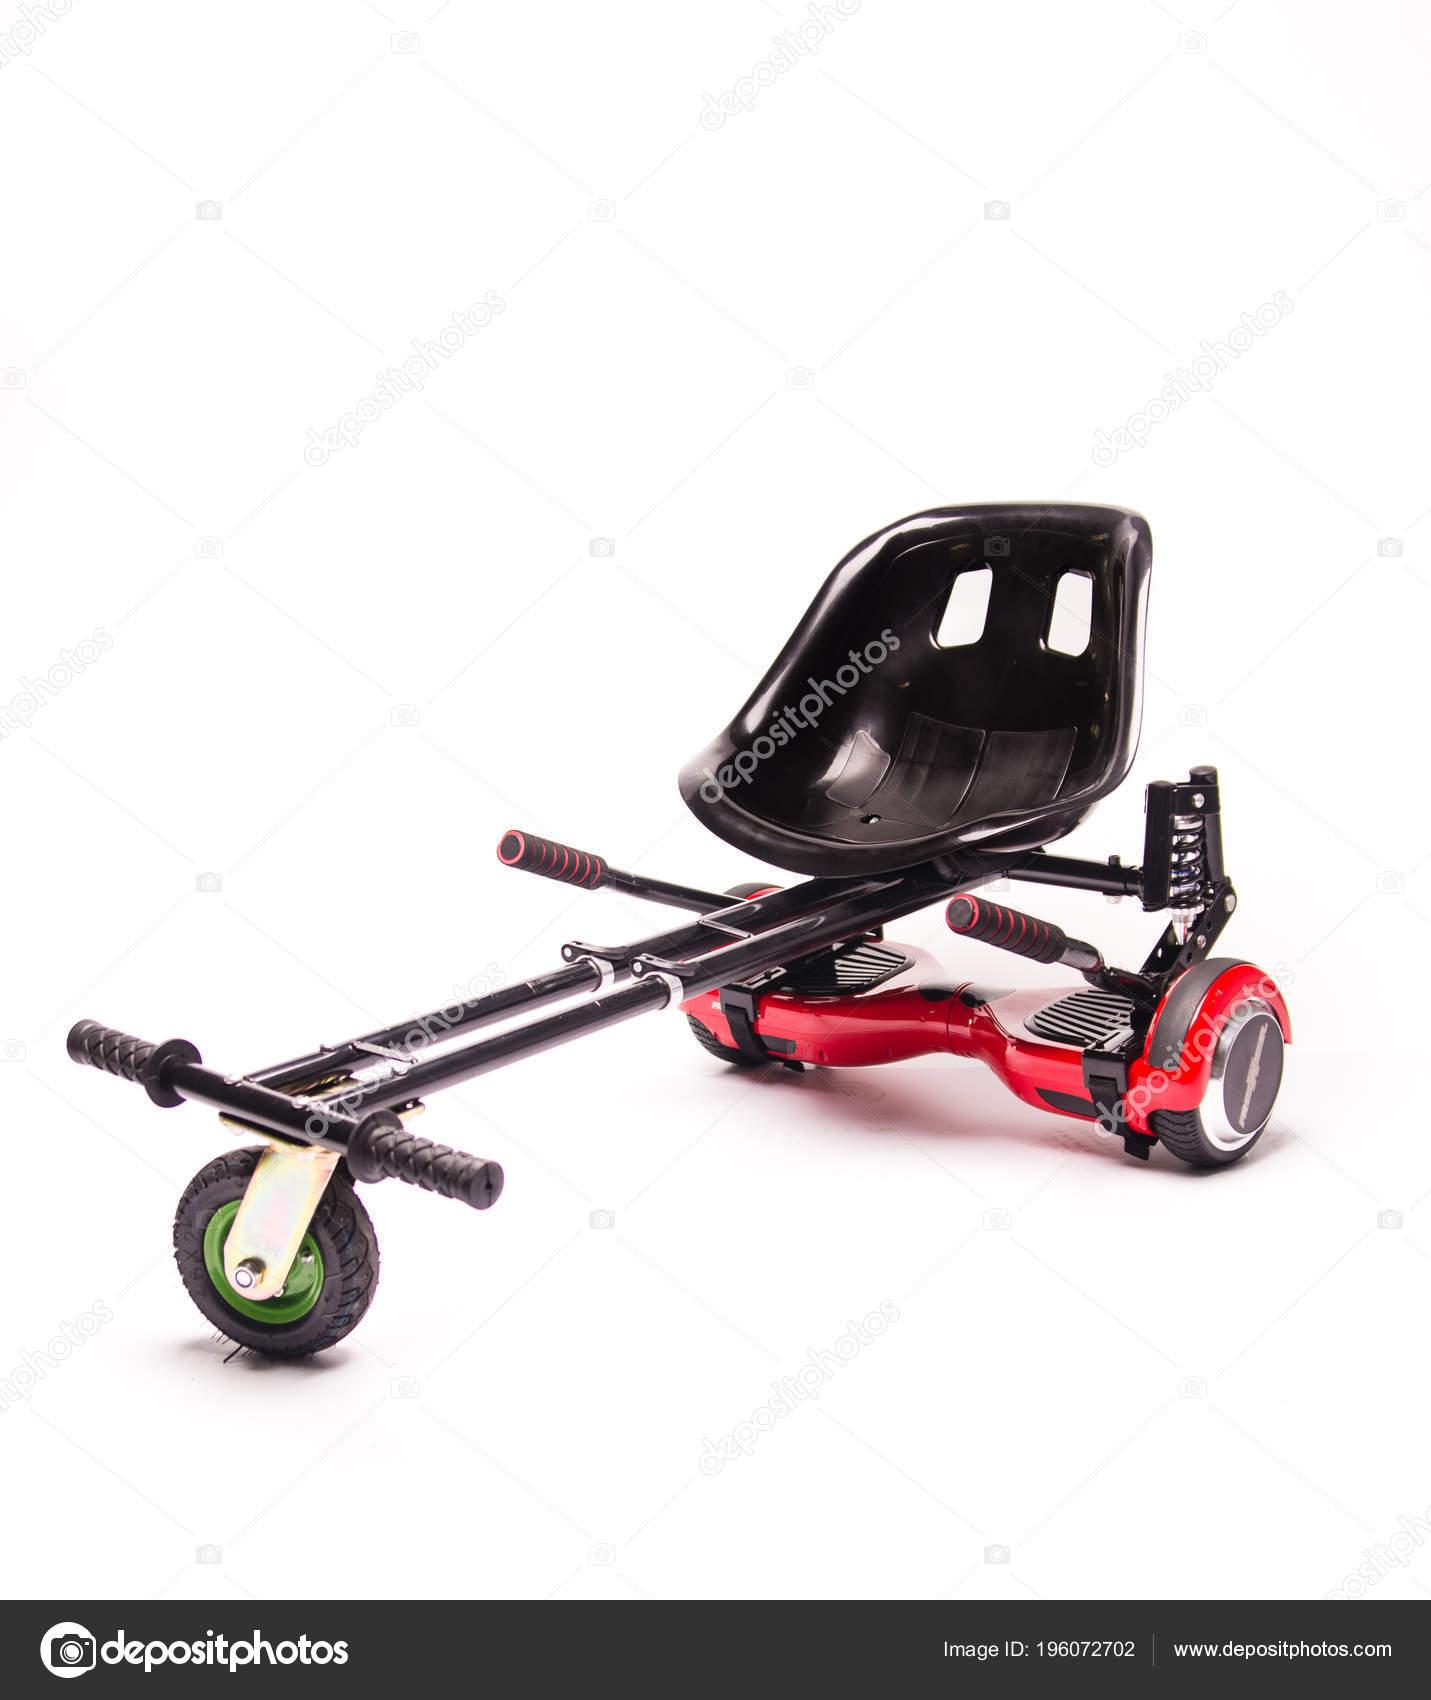 Schema Elettrico Hoverboard : Chiuda della ruota hoverboard dual auto bilanciamento del pattino